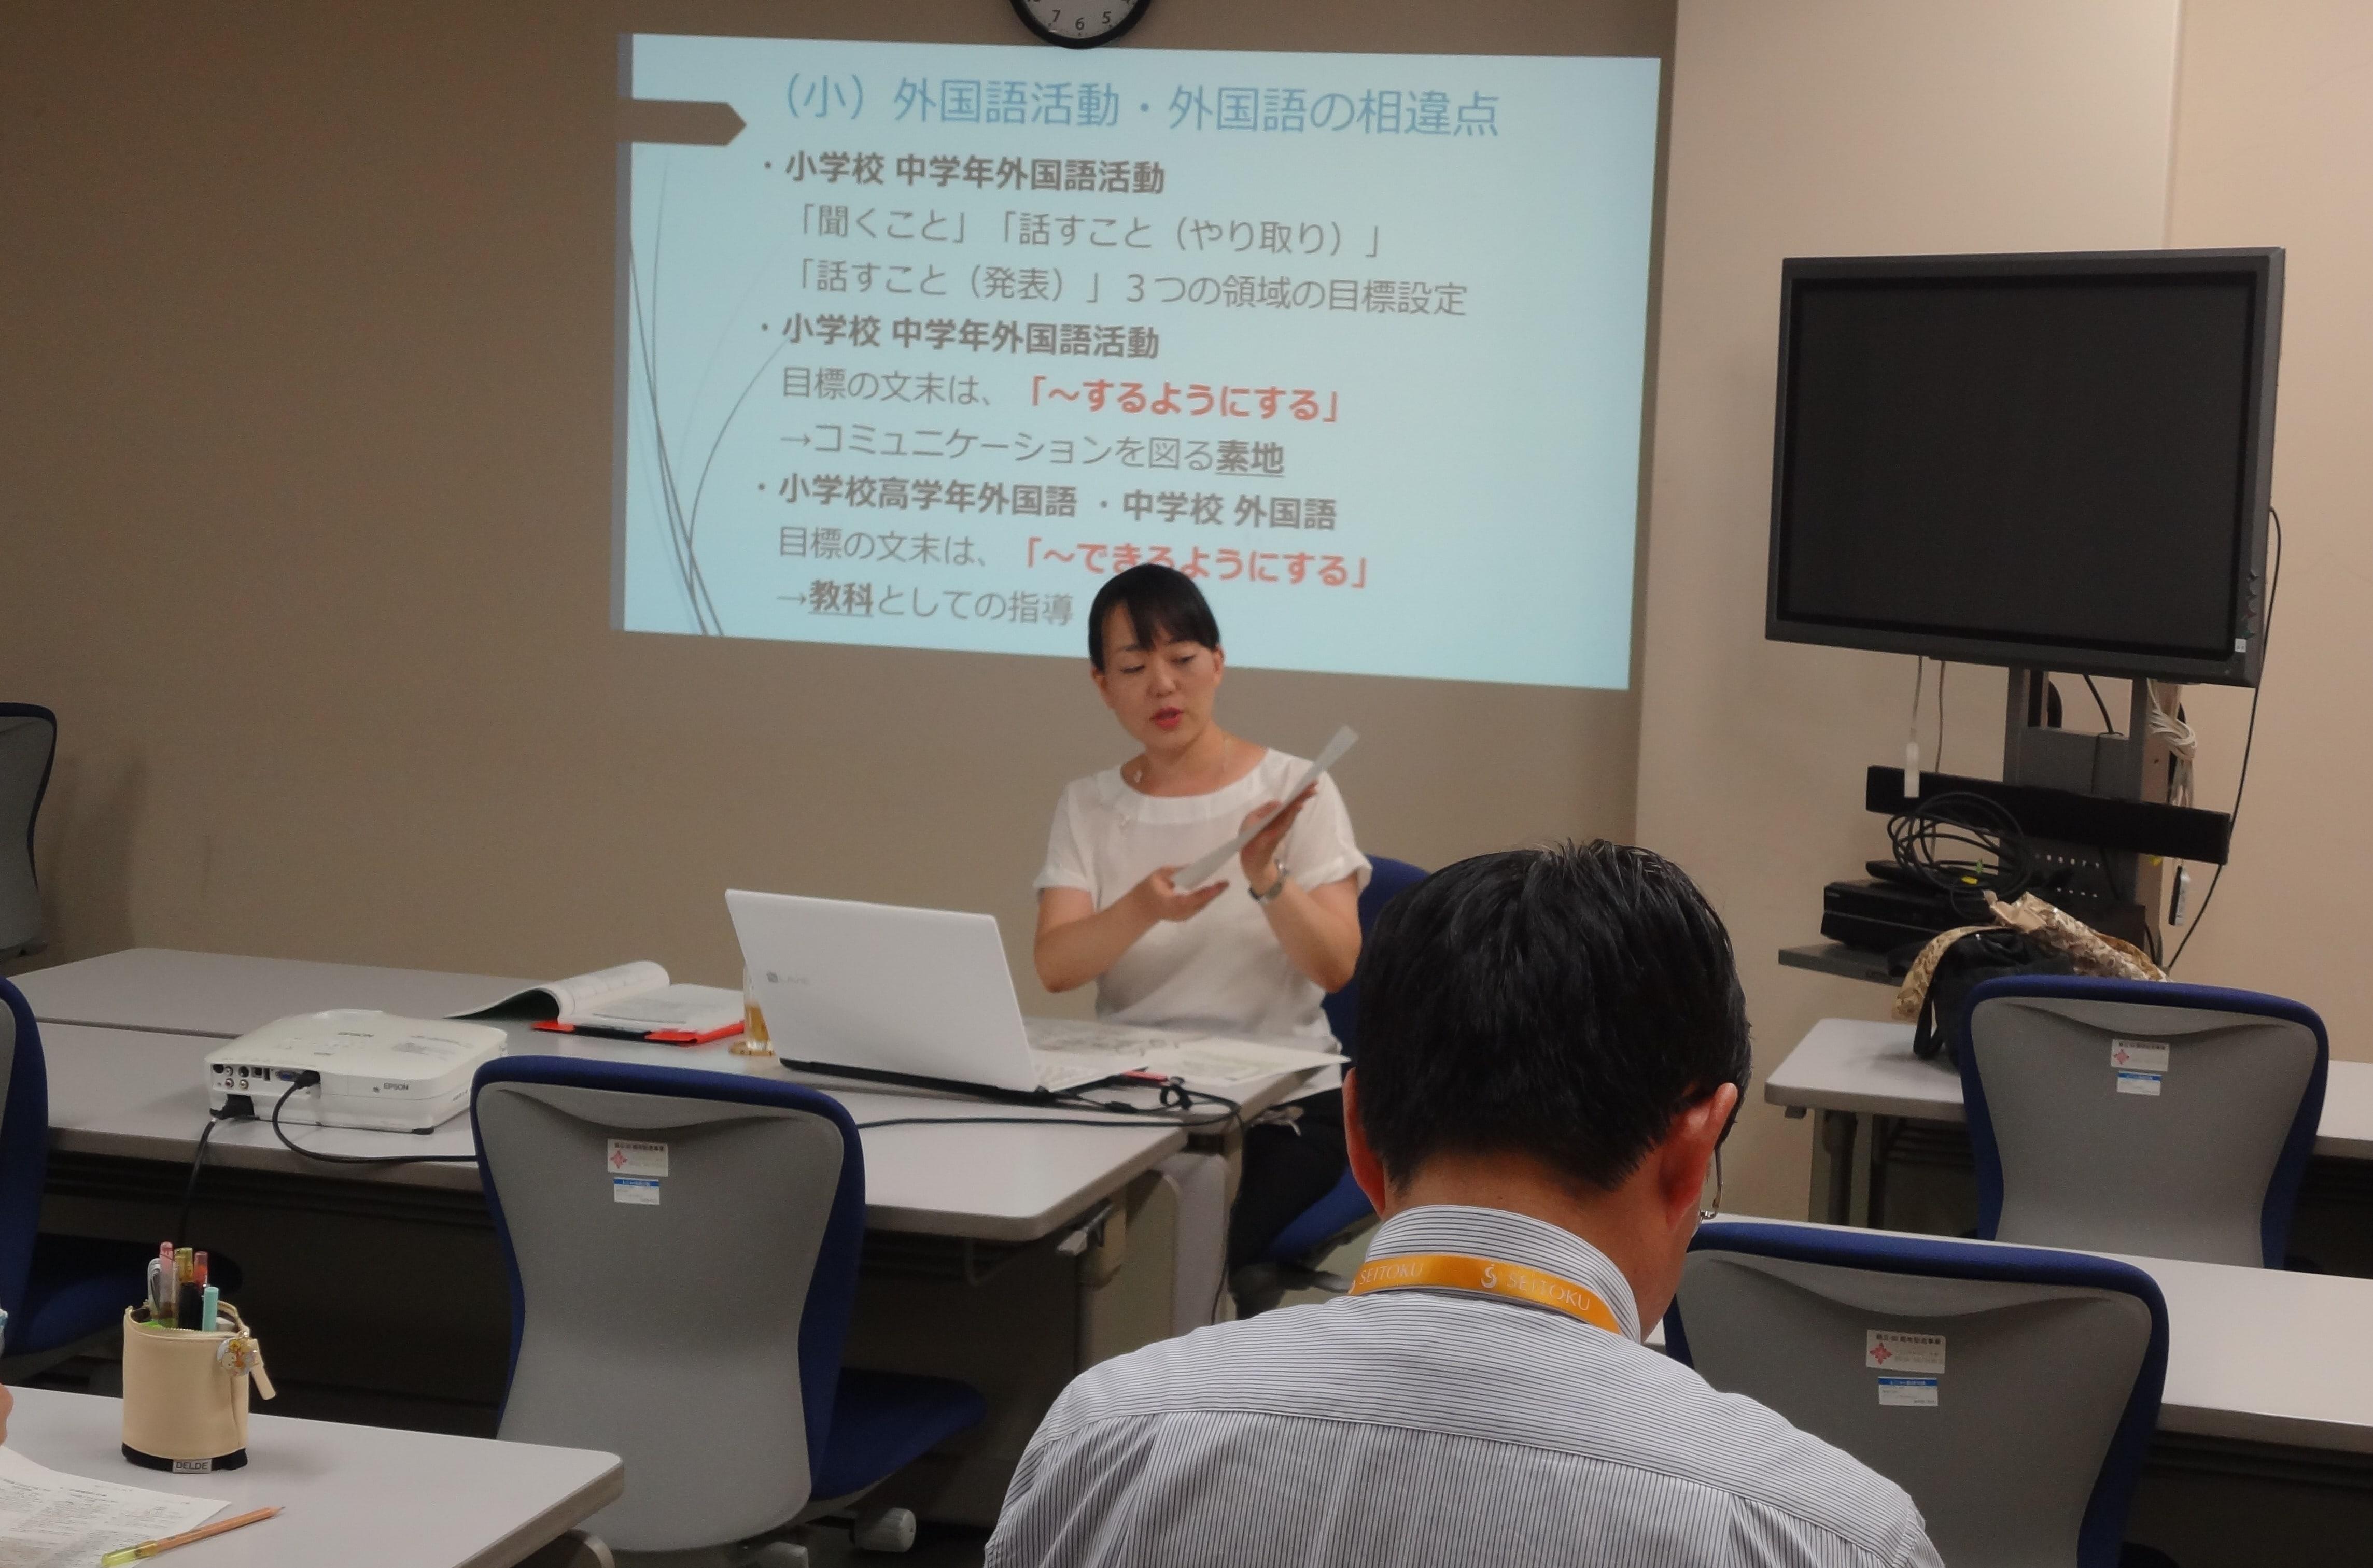 特別講義「小学校における外国語科・外国語活動の授業 実践方法及び教員研修の在り方」が実施されました